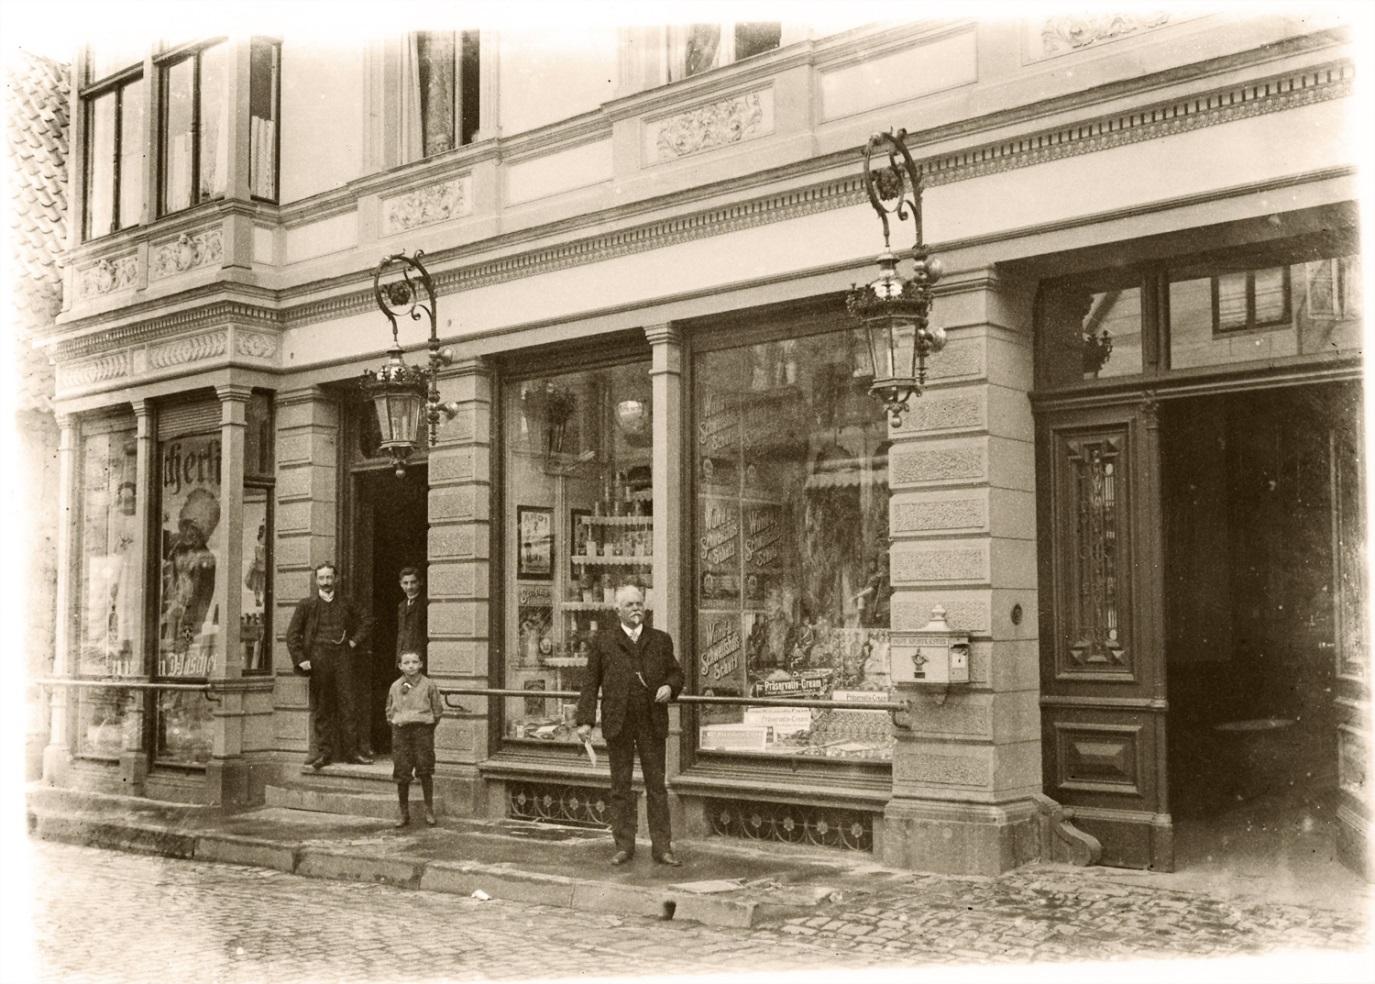 GEHWOL-Erfinder Eduard Gerlach (der Ältere) vor seiner Drogerie in der Langen Straße in Lübbecke.